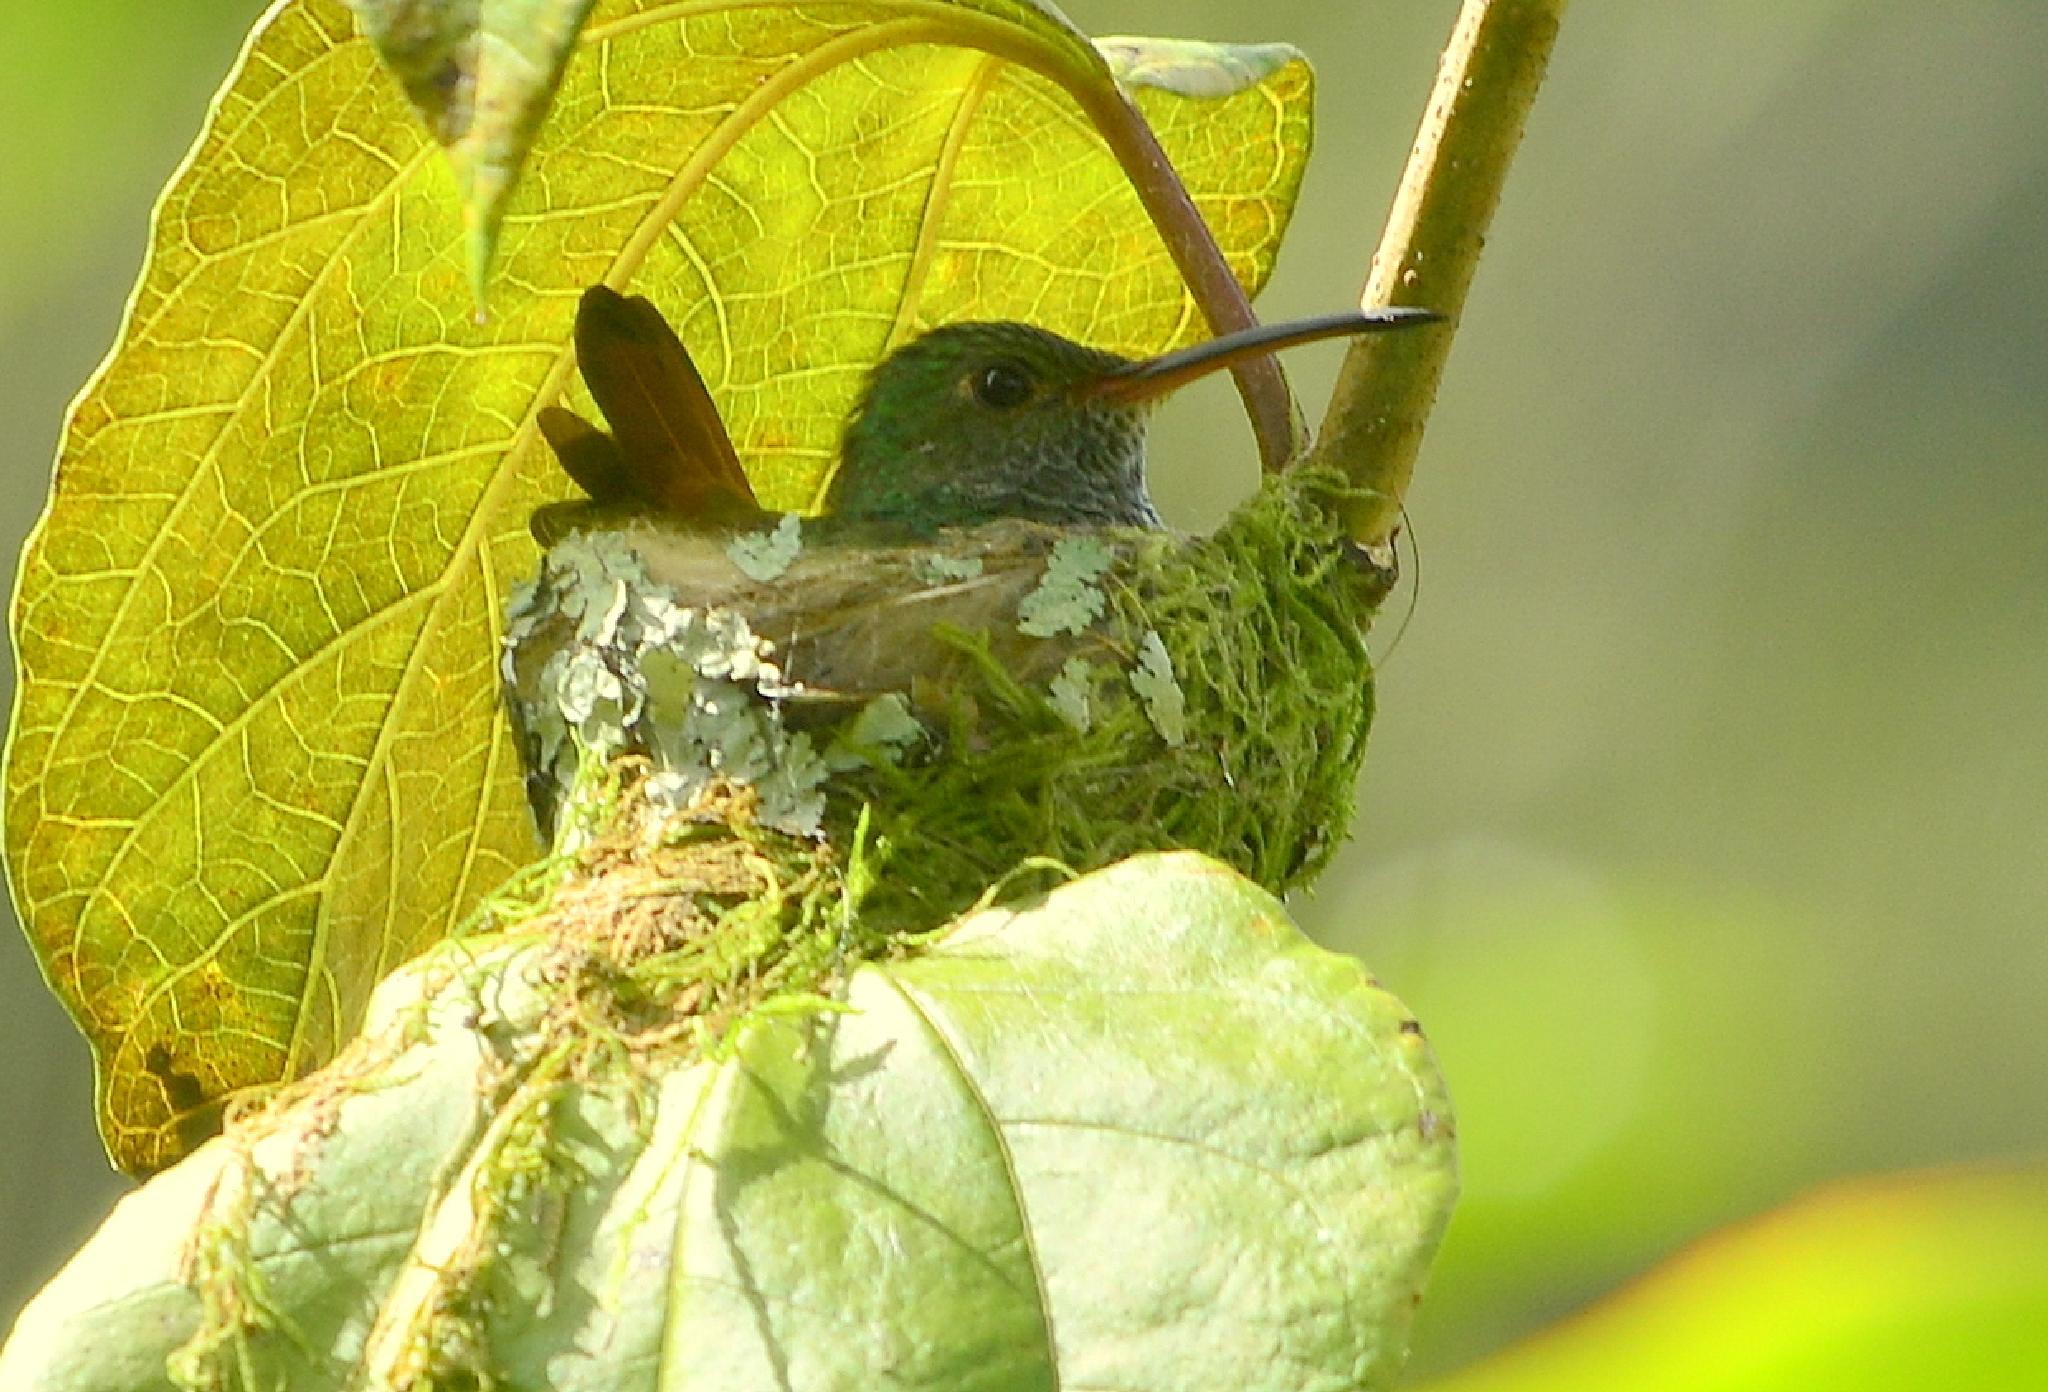 Hummingbird nest by gunder.jonsson